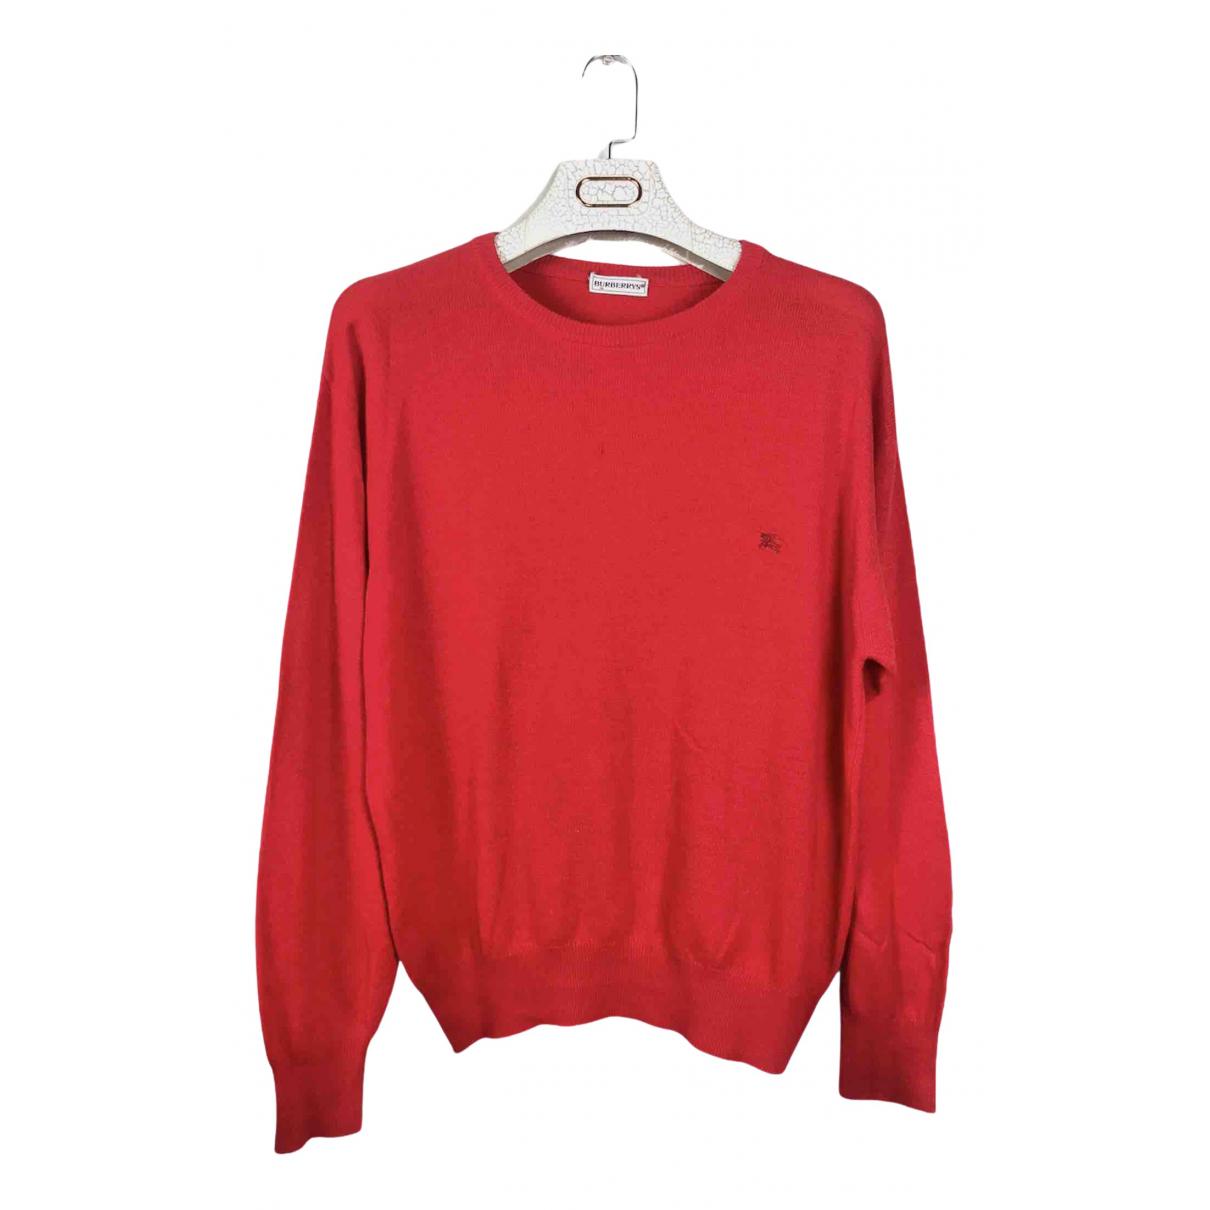 Burberry N Red Wool Knitwear & Sweatshirts for Men S International